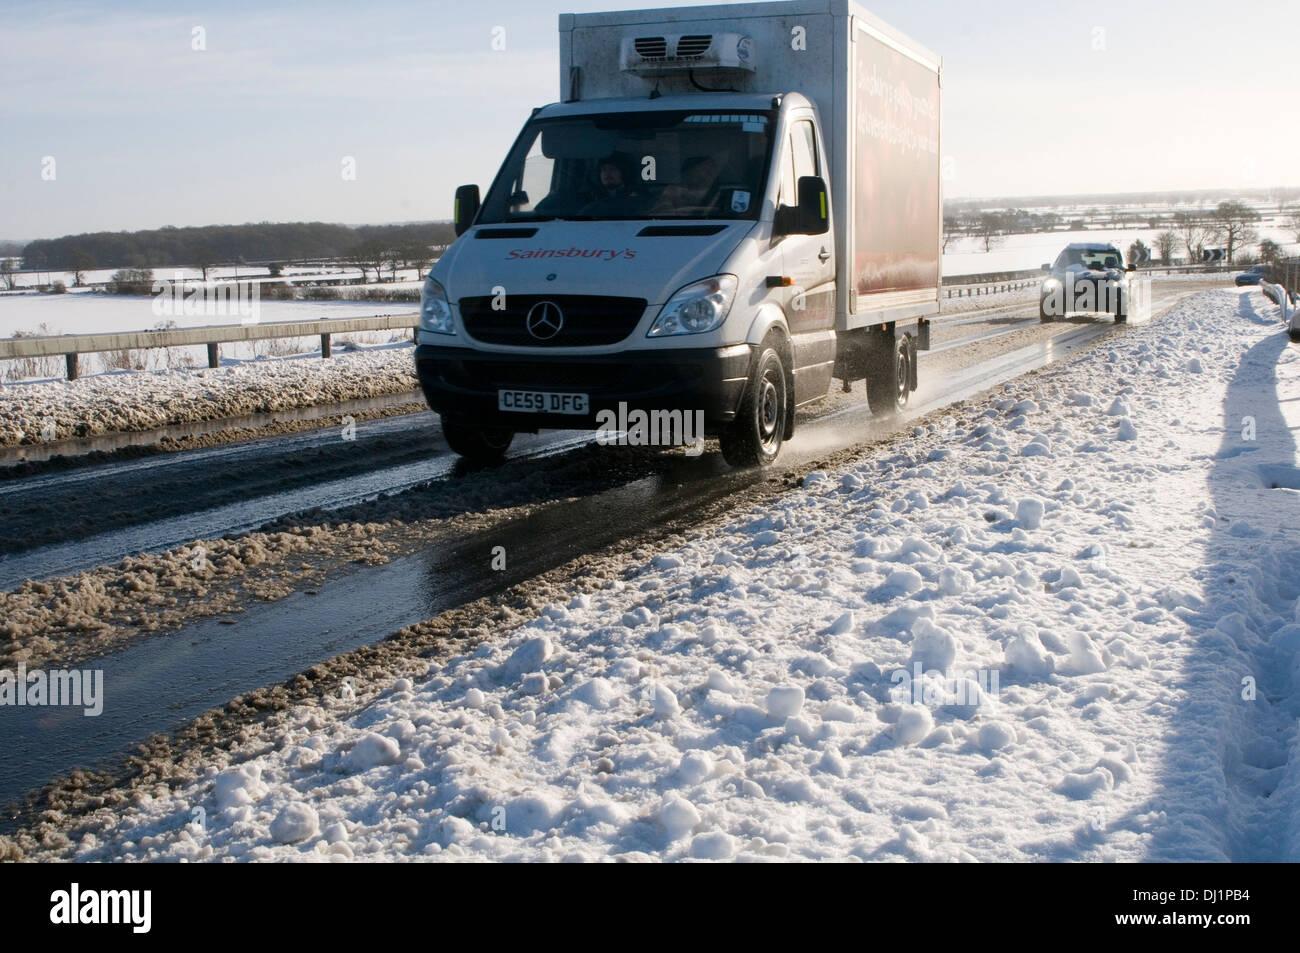 Winterstraßen Eis eisige Kälte fahren Auto Autofahren matschigen Straße Großbritannien britische Fahrer schwere Schnee schneien in slush Stockbild